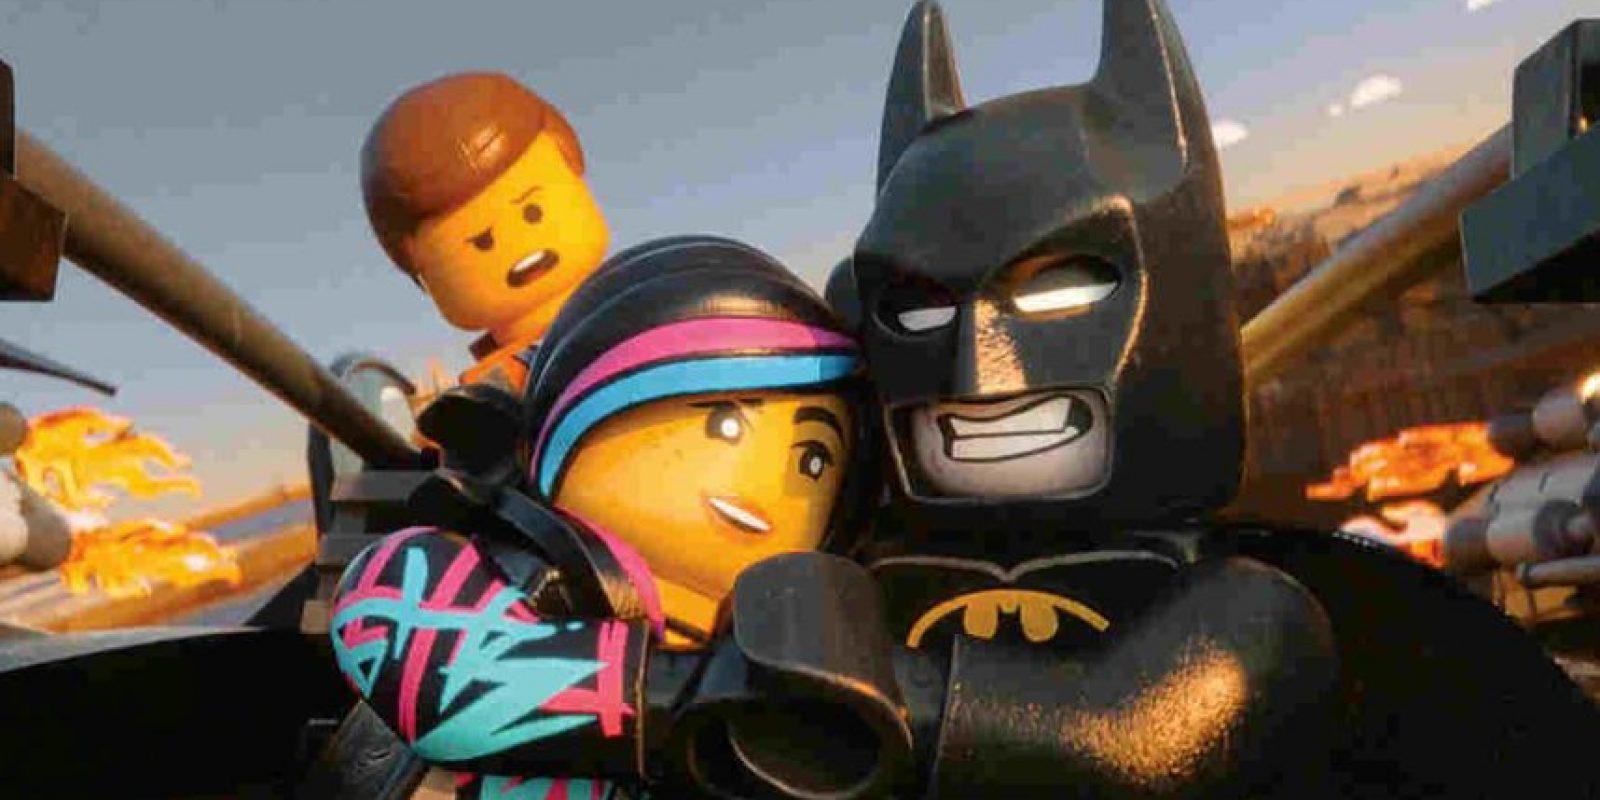 Película de Batman-Lego, aún sin título. Febrero 20, 2017. Foto:Lego/DC